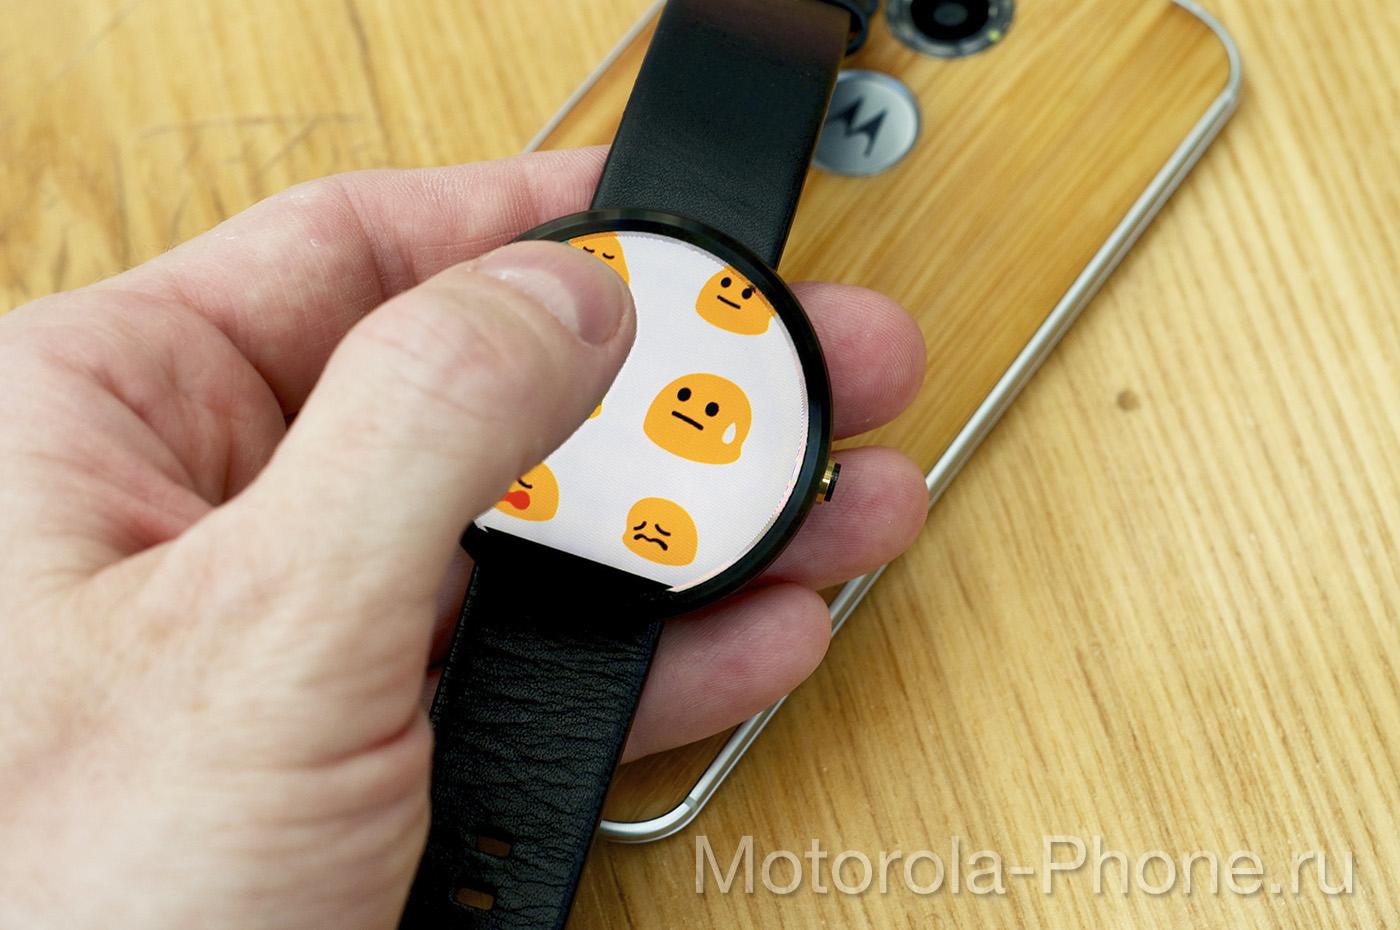 Motorola-Moto-360-Android-Wear-5-1-30 copy